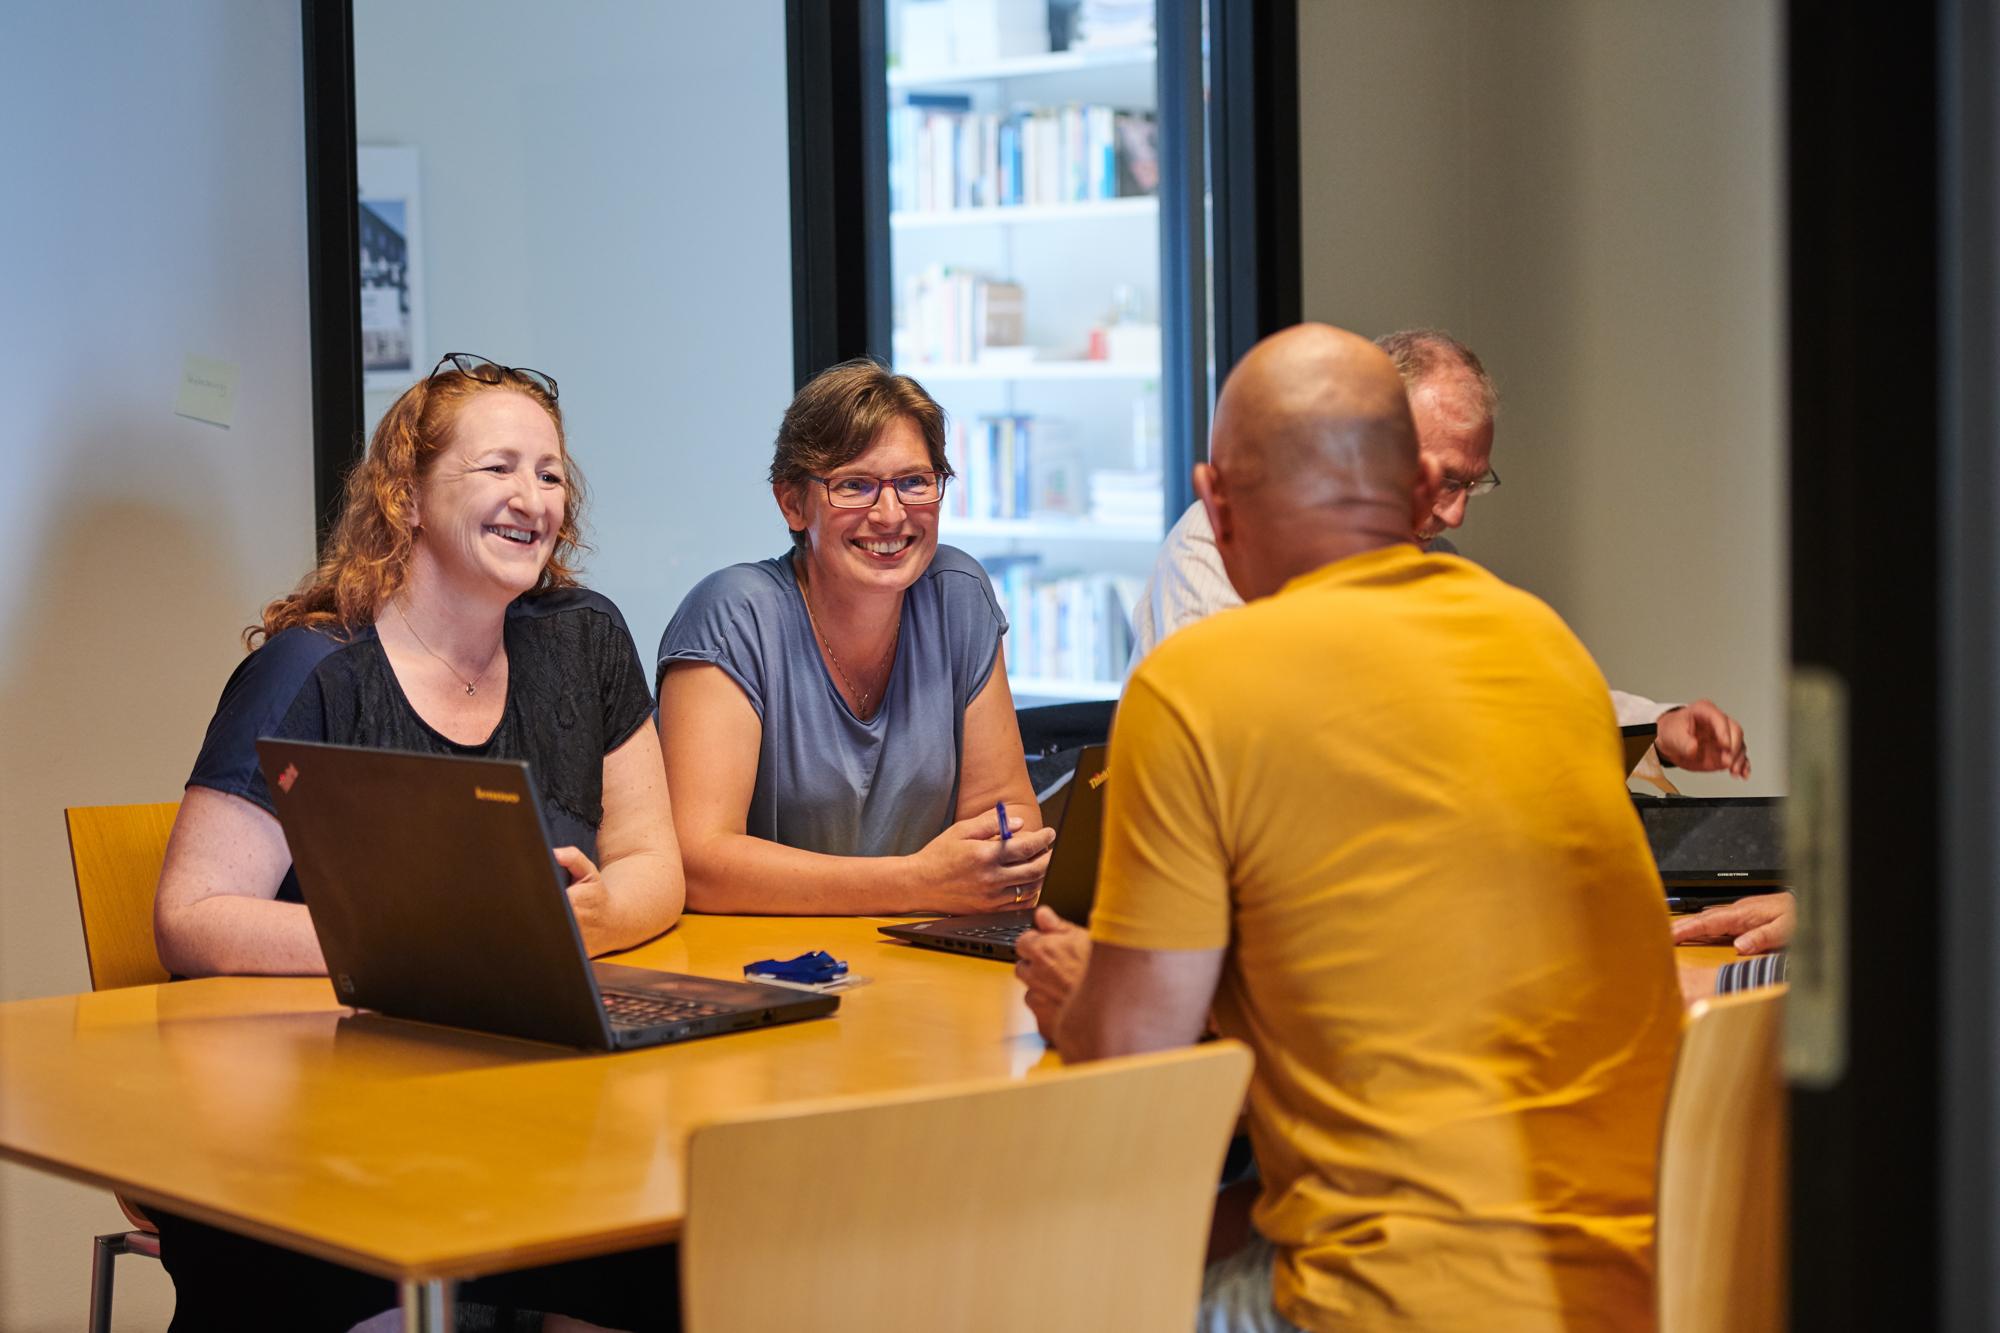 Fire personer om et bord. Mand med rykken mod beskuren har en gul t-shirt på. De andre smiler og kigger på ham. Der er en bærbar pc på bordet.